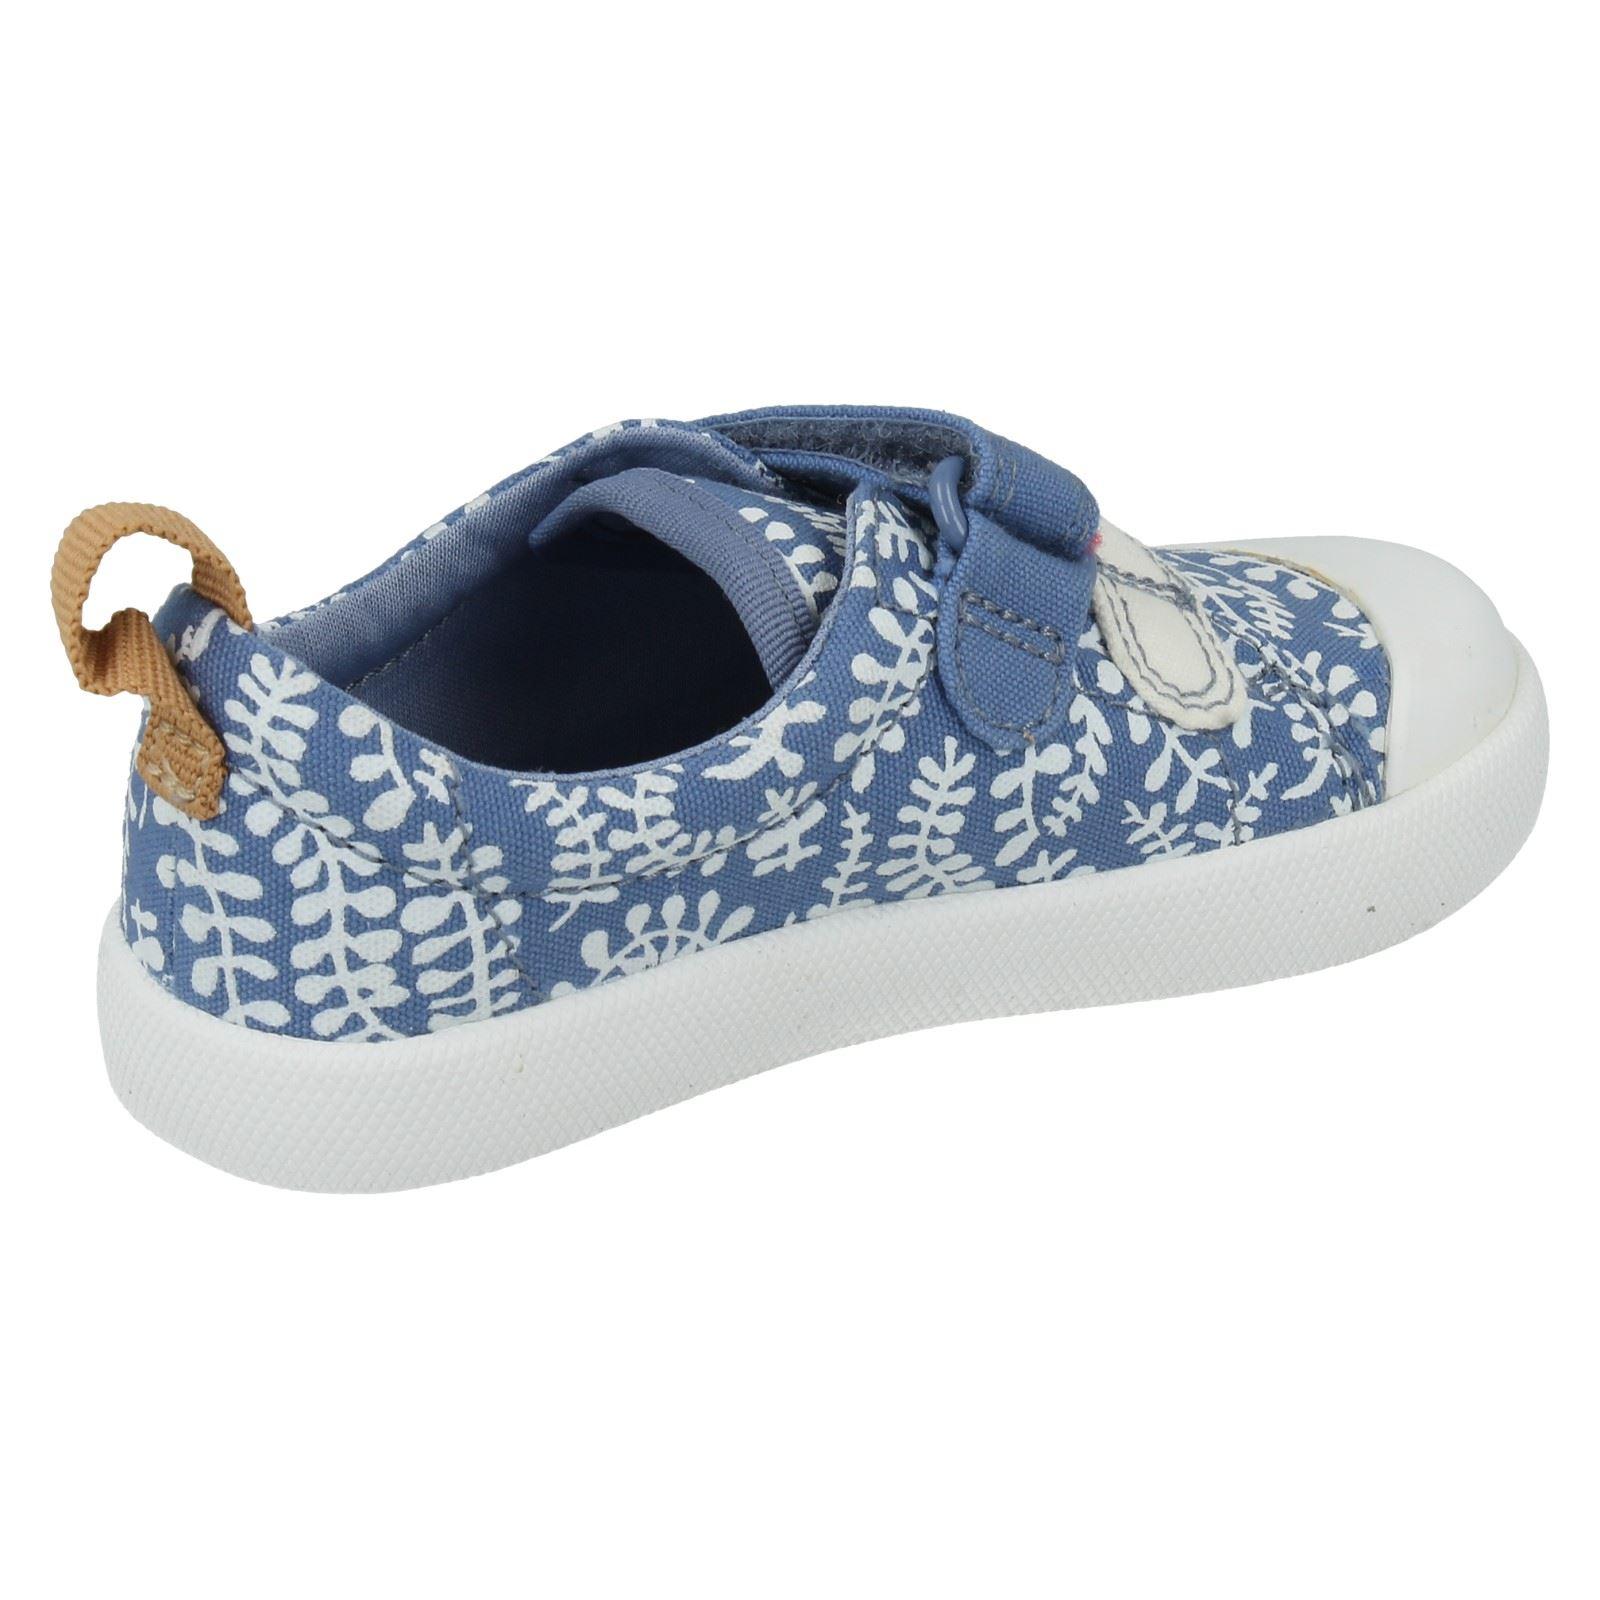 Chicas Clarks Doodles primero Zapatos Estilo-Halcy Hati